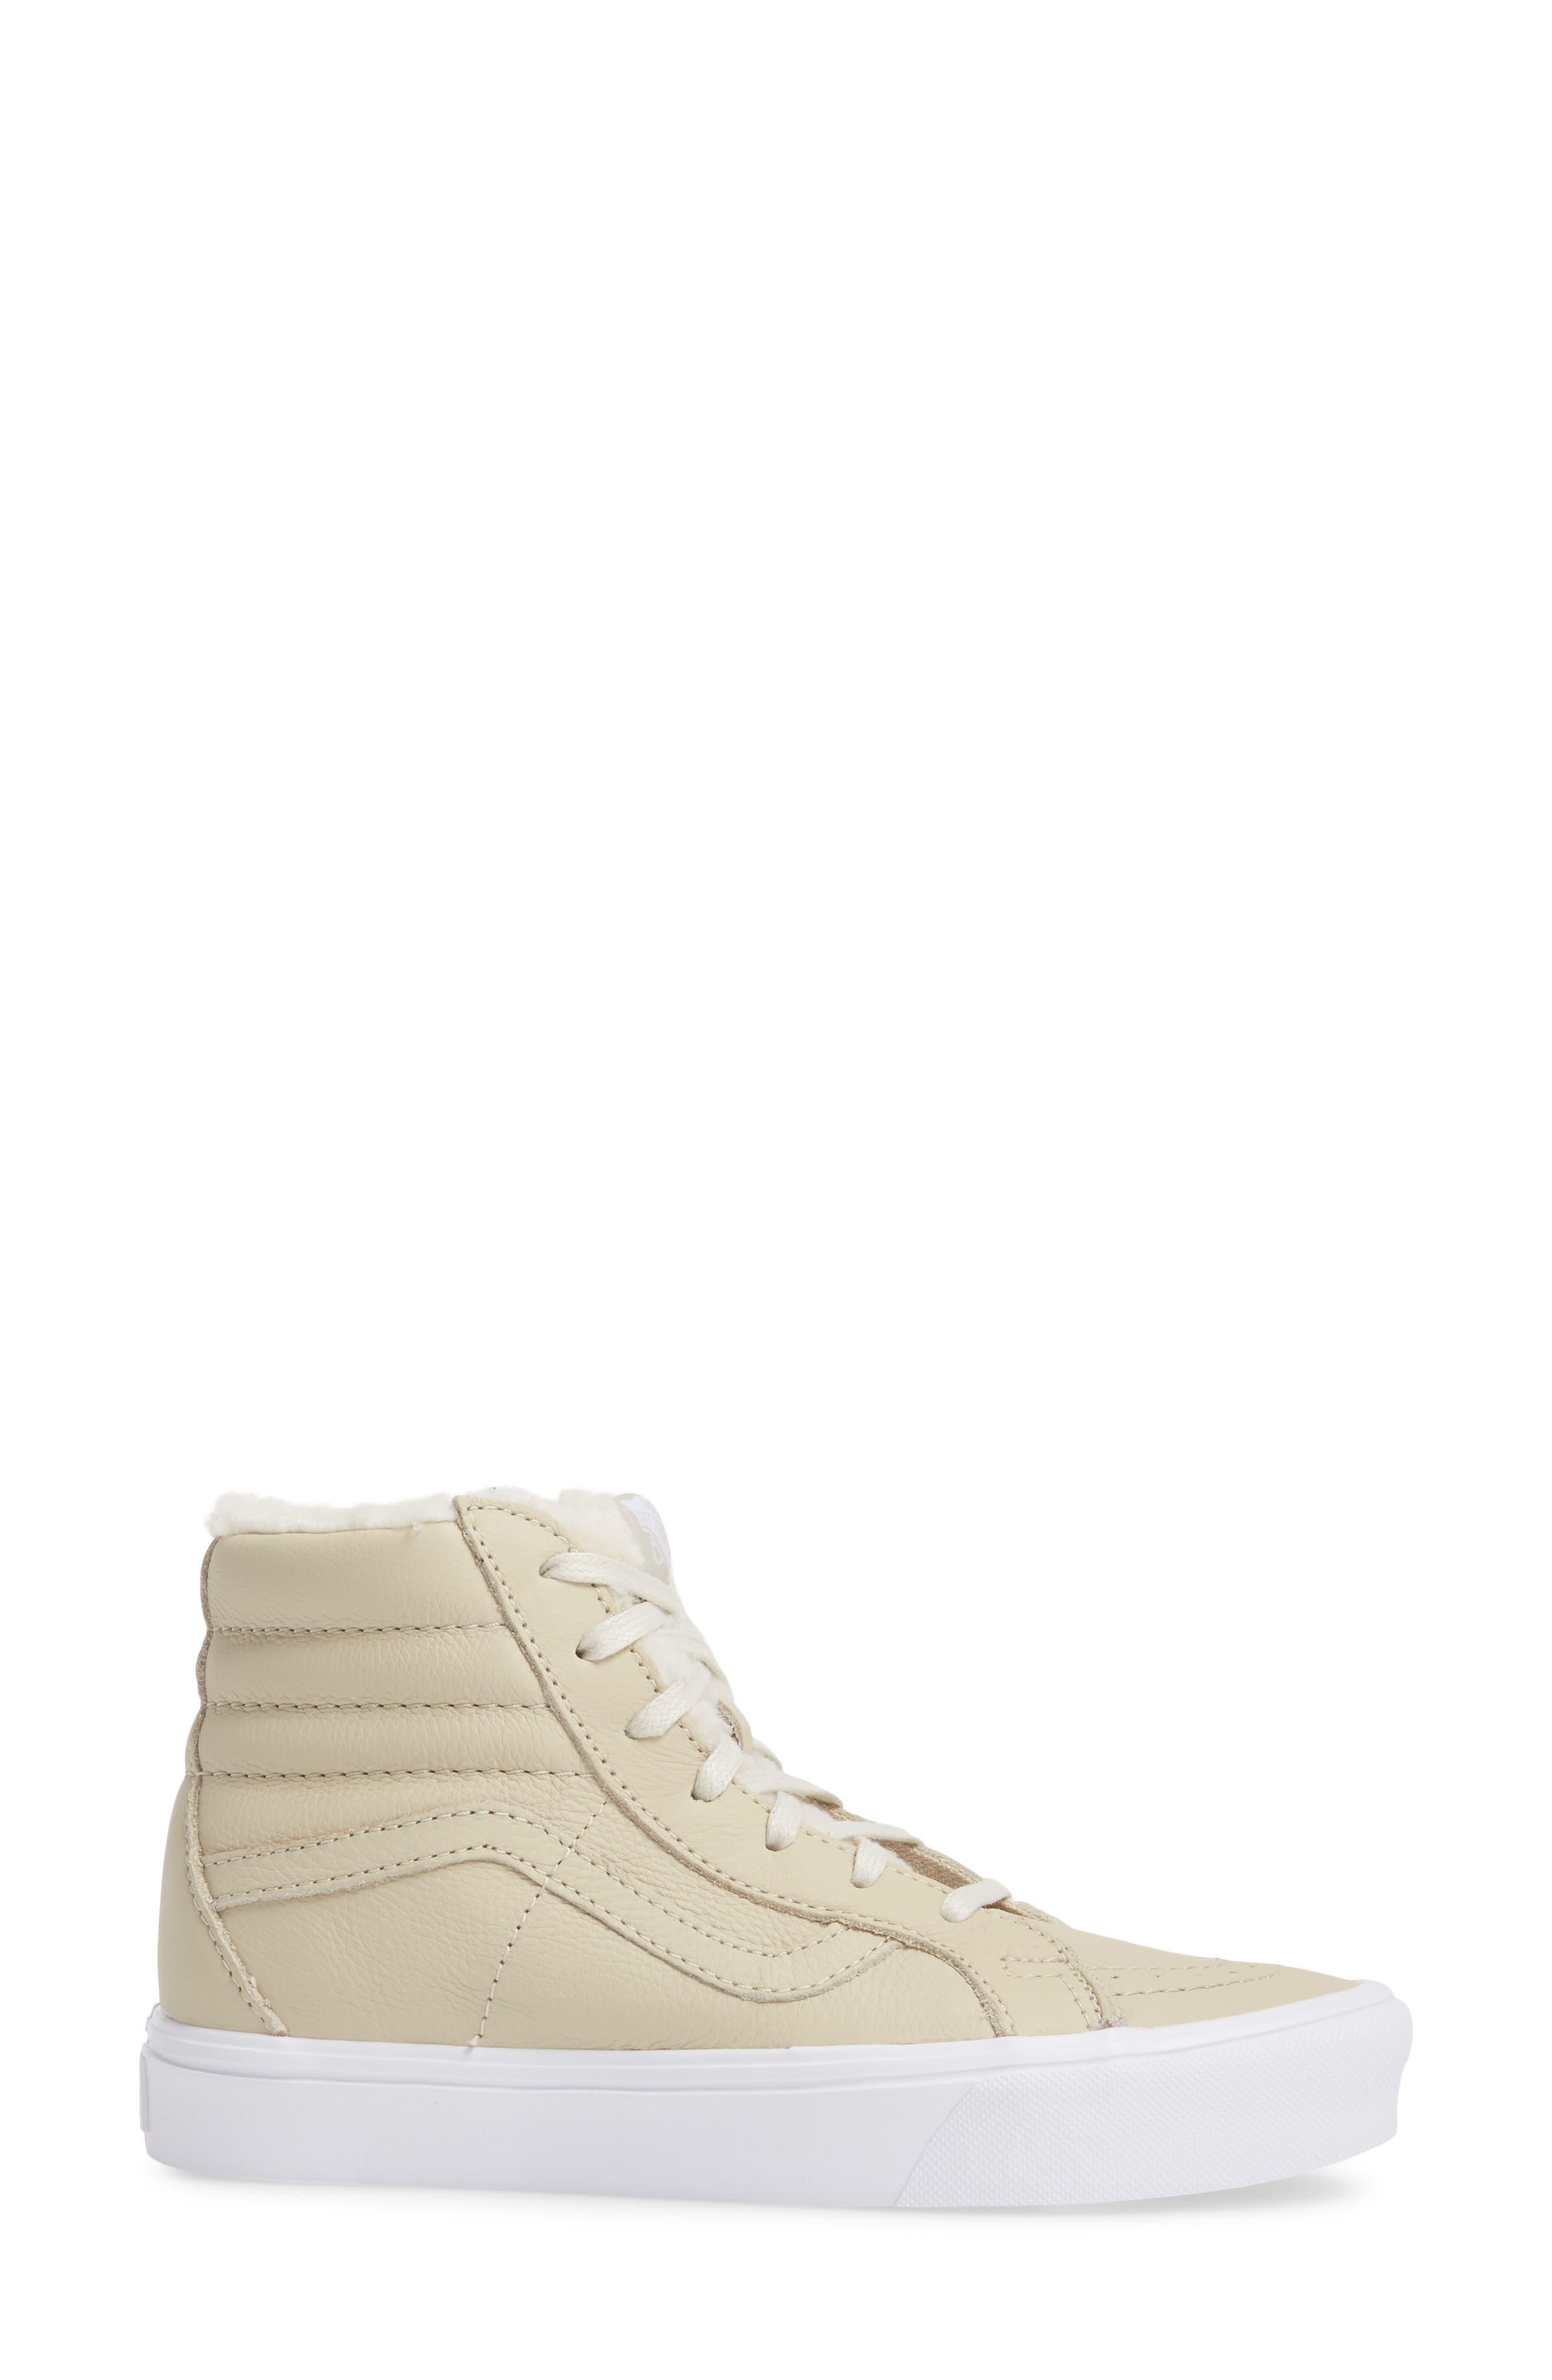 Sk8-Hi Reissue Lite High Top Sneaker,                             Alternate thumbnail 3, color,                             Cement/ True White